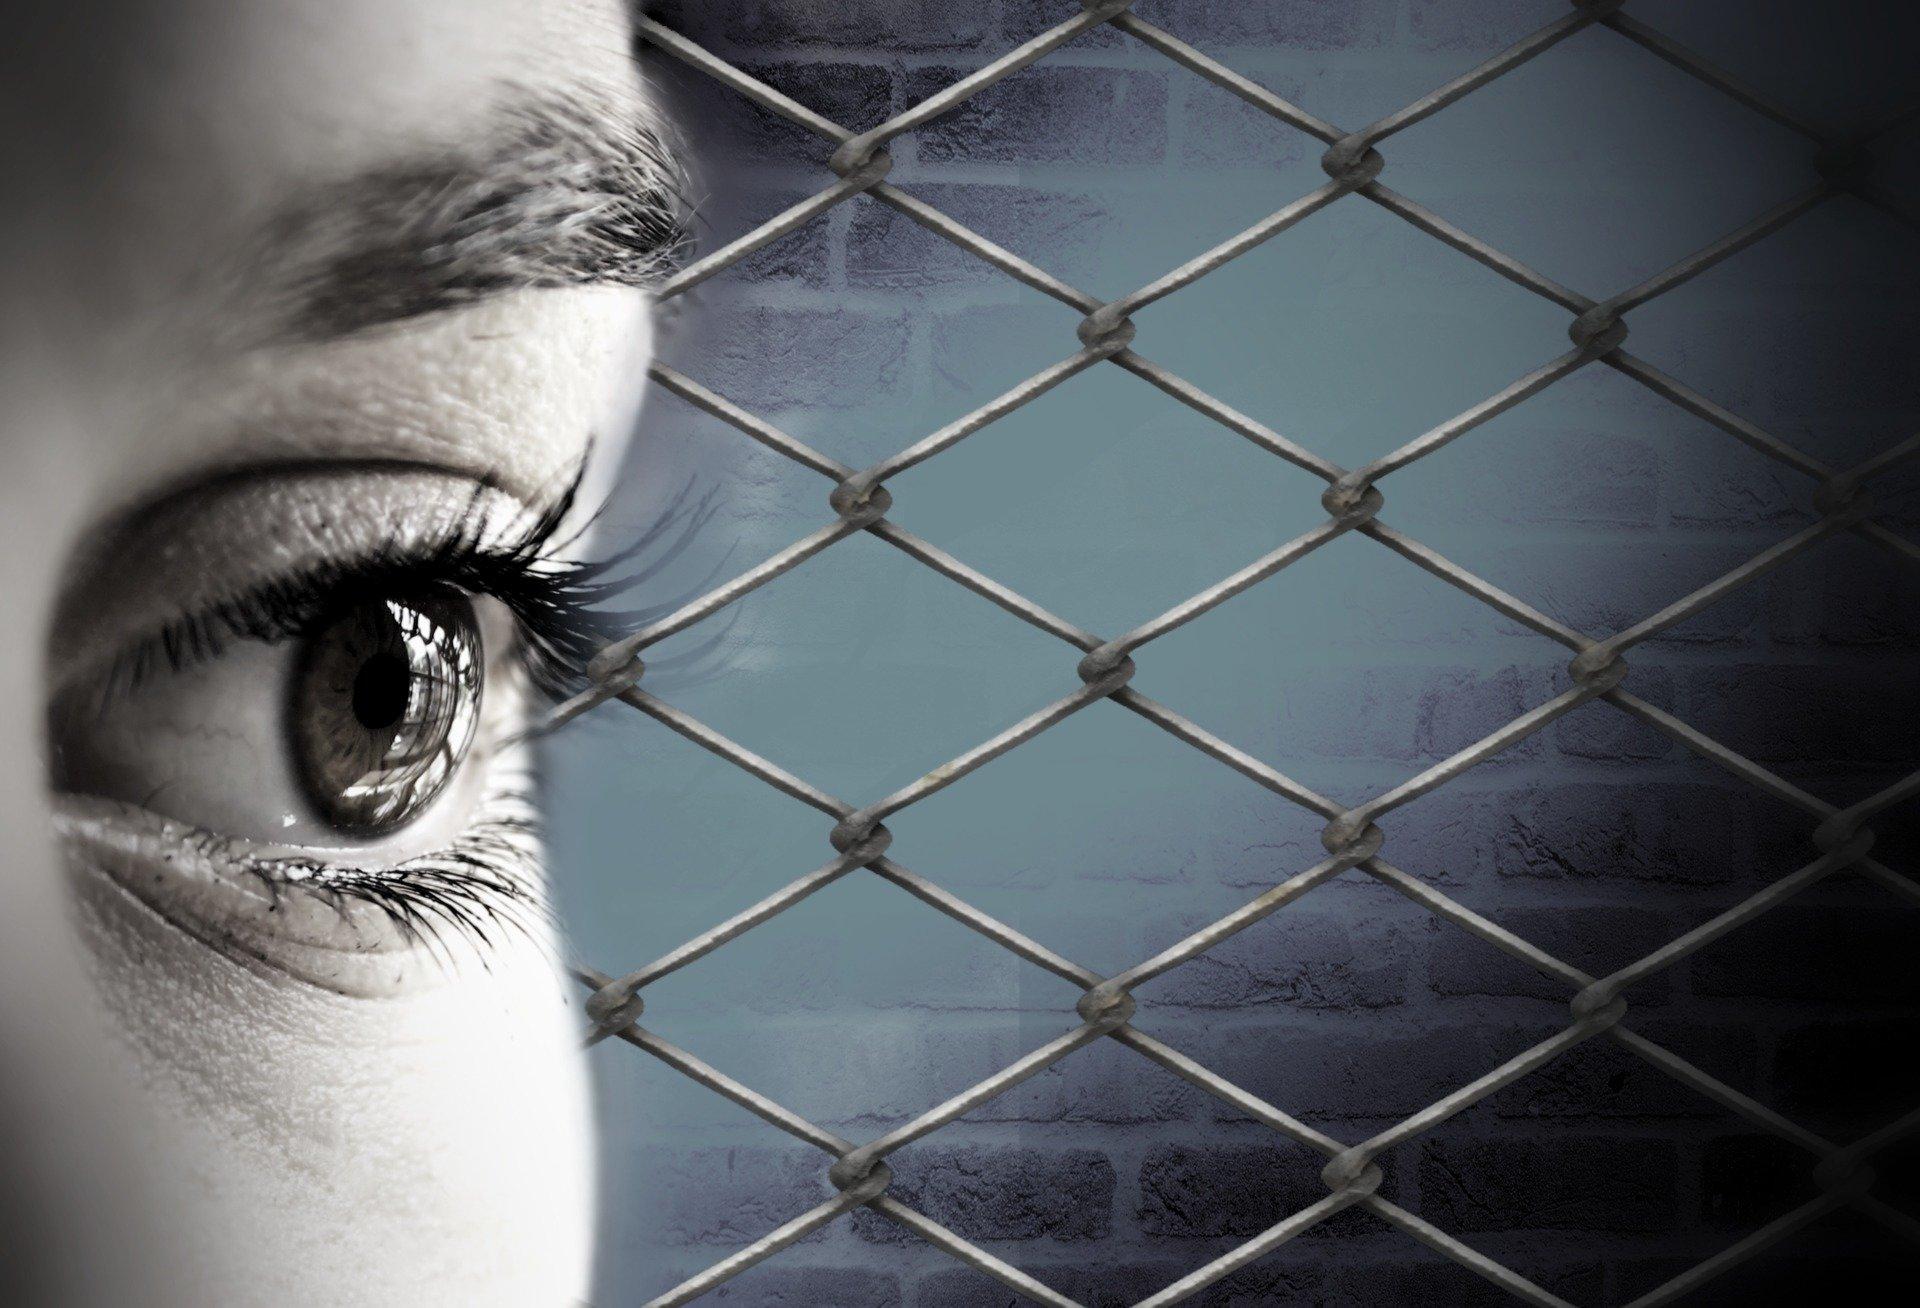 Skandál v USA: Úředníci píchali dětem migrantů drogy, v táborech docházelo i k týrání - anotační obrázek